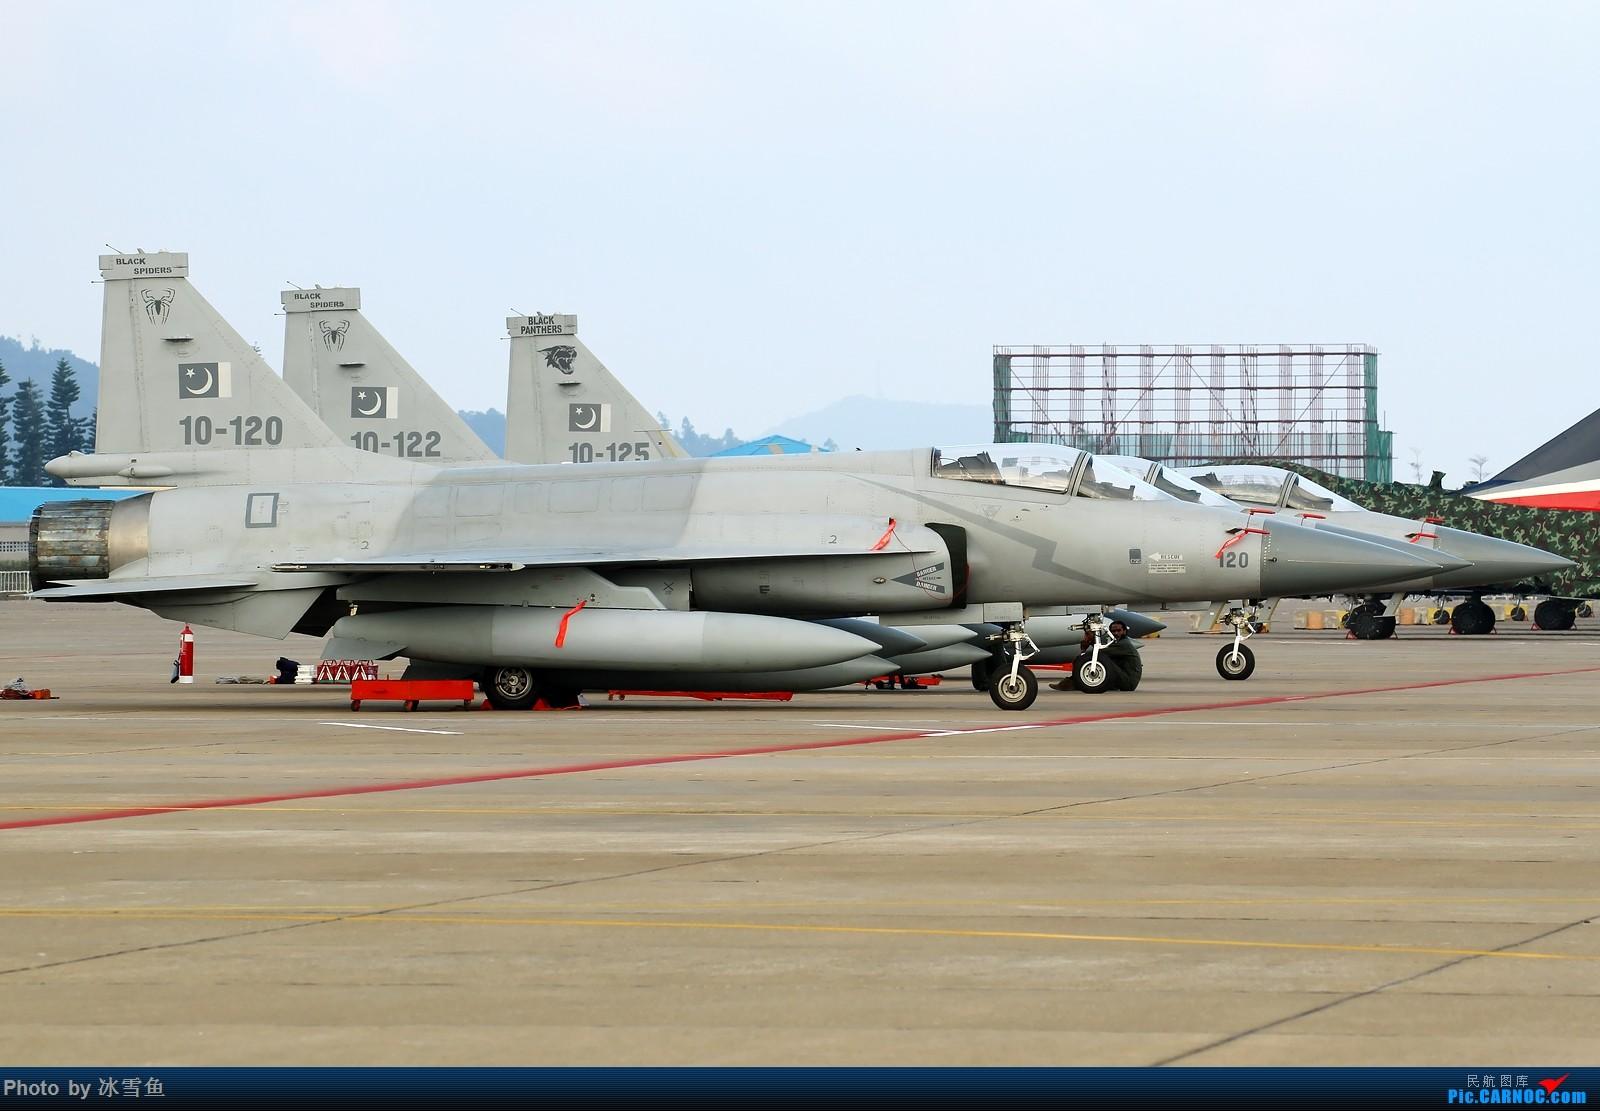 [原创]【BLDDQ-昆明飞友会】又到一年航展时——人更多、价更高............ FC-1枭龙 10-120 中国珠海金湾机场